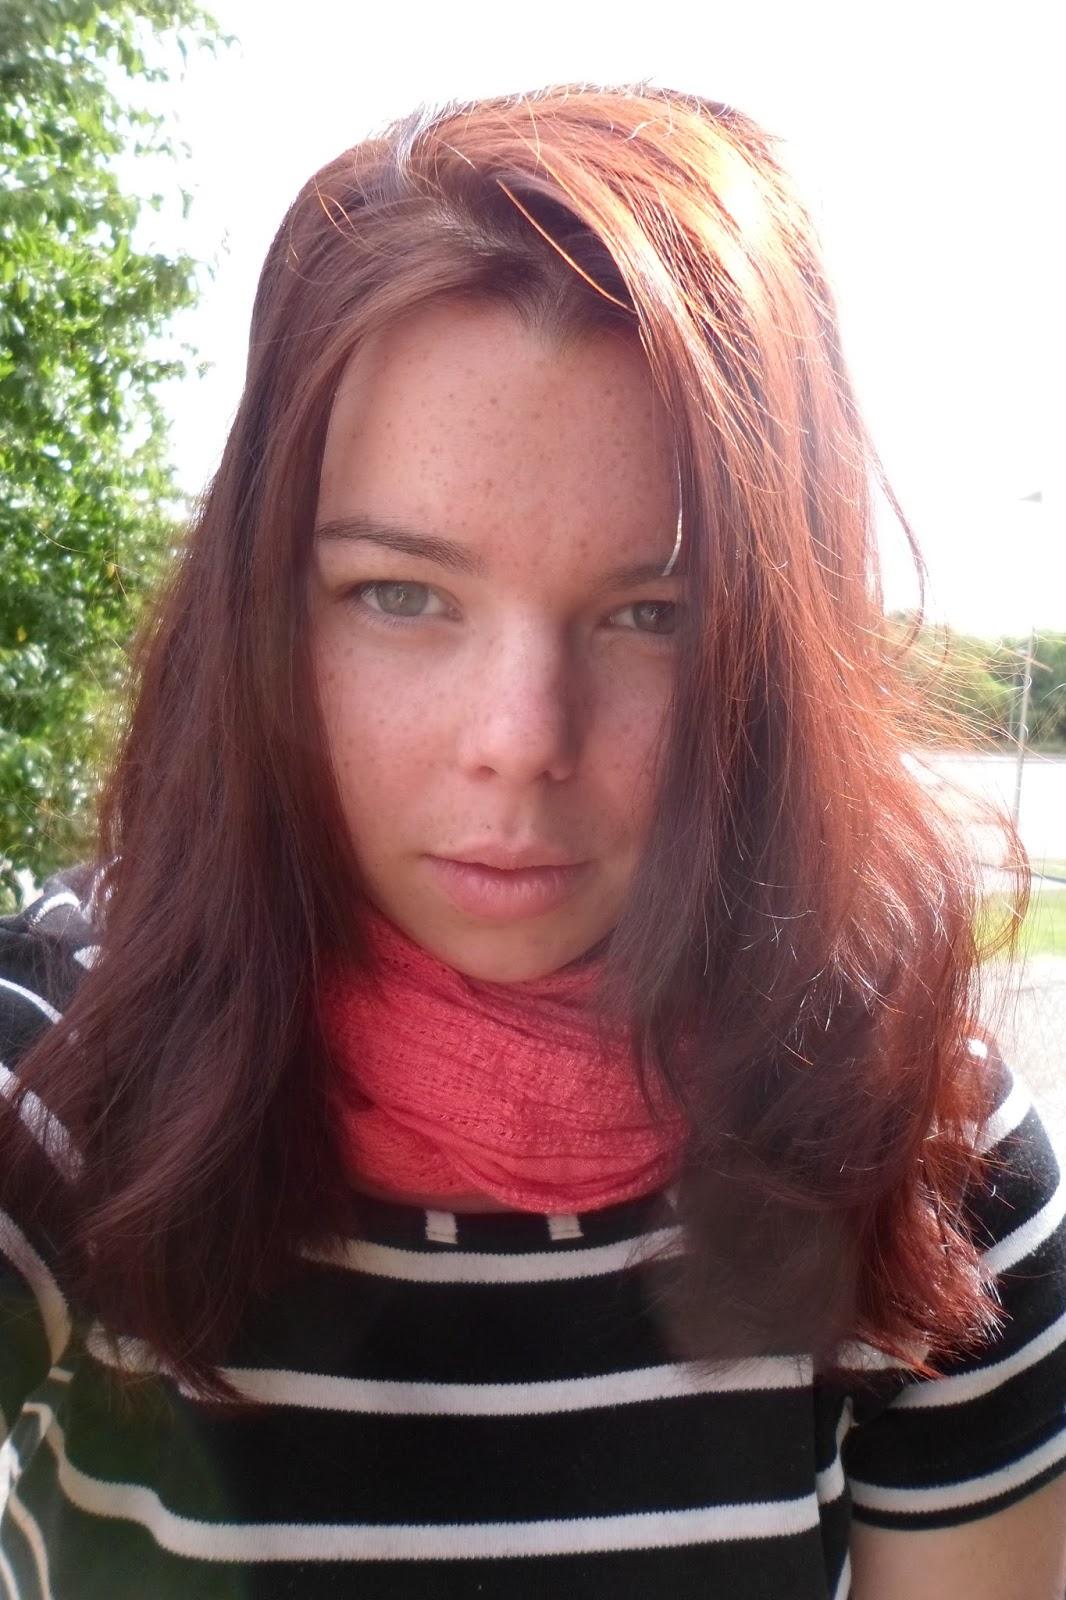 la couleur a elle aussi radicalement change mes petits cheveux sont roux et le reste de ma chevelure pris de srieux reflets roux rouge - Coloration Khadi Rouge